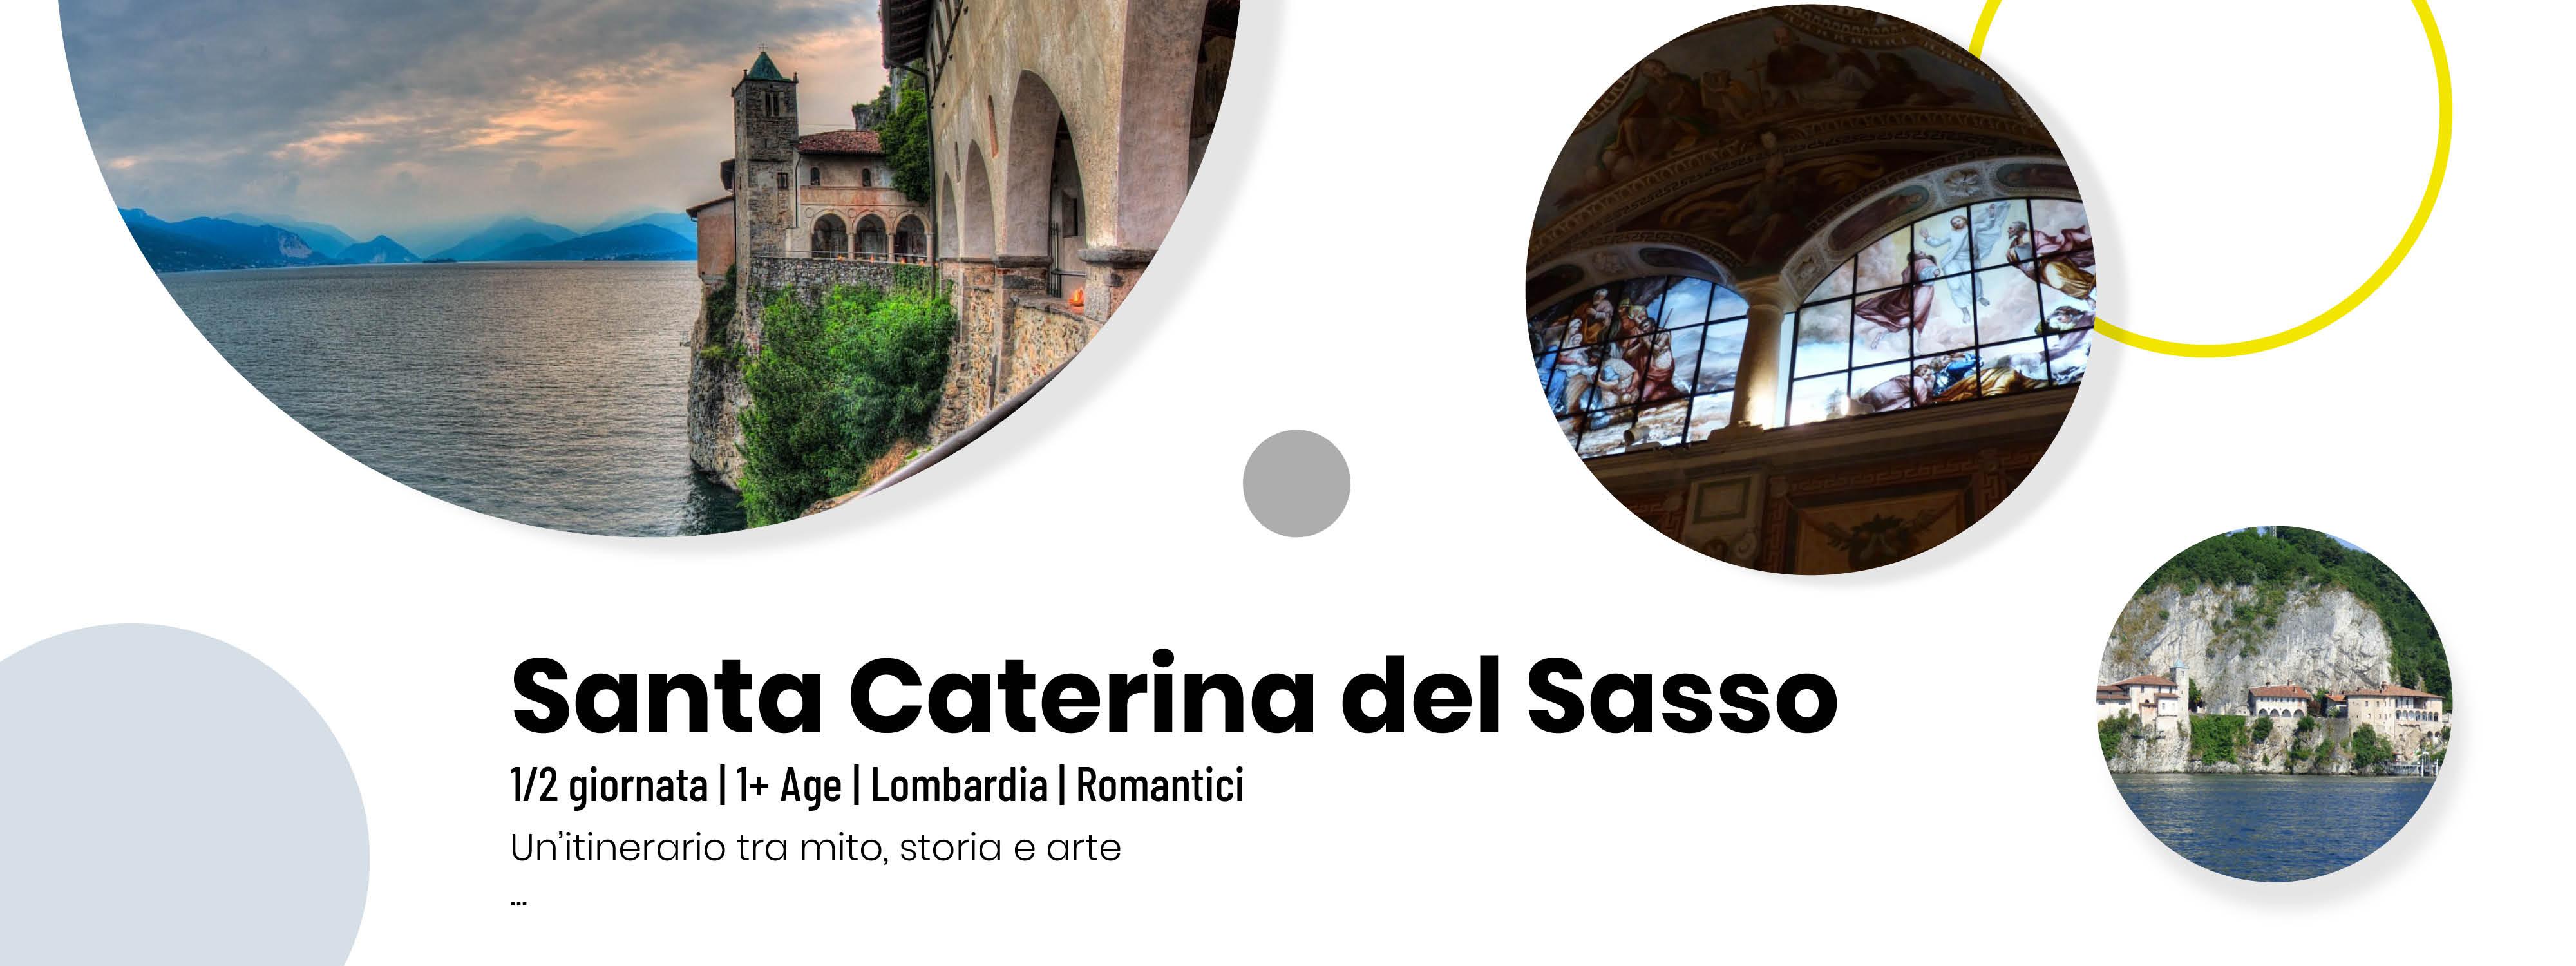 Slide Santa Caterina del sasso